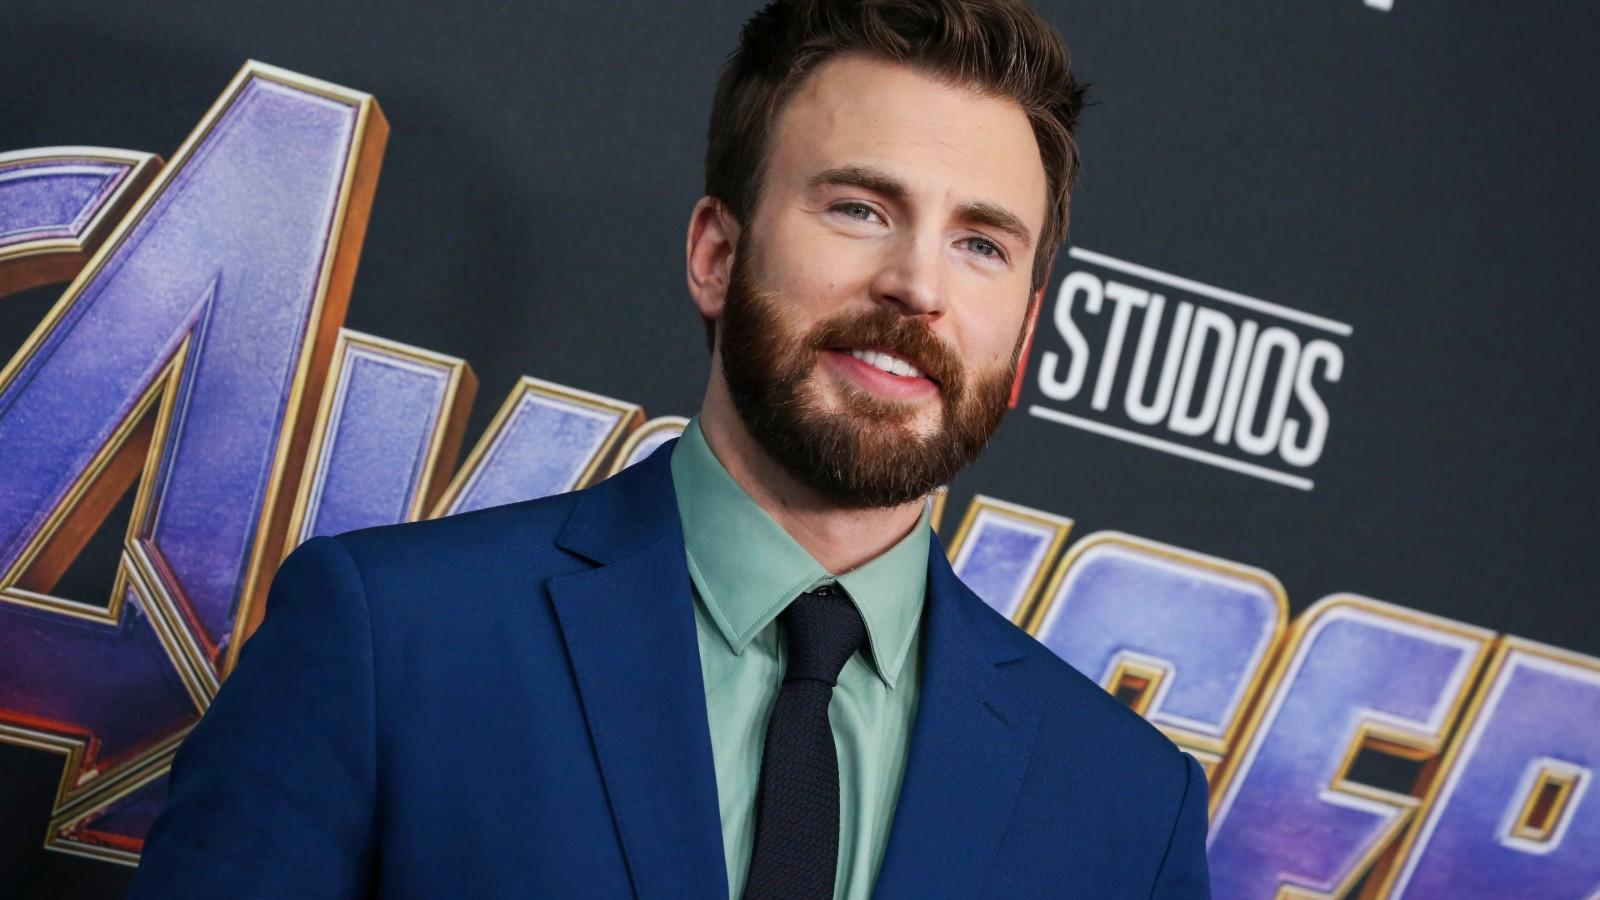 Evans a szerencséjét és egyben a vagyonát Amerika kapitány szerepével alapozta meg. Kell ennél több bizonyíték arra, milyen sikerek kovácsa lehet a Marvel univerzum? (REX/ Shutterstock)